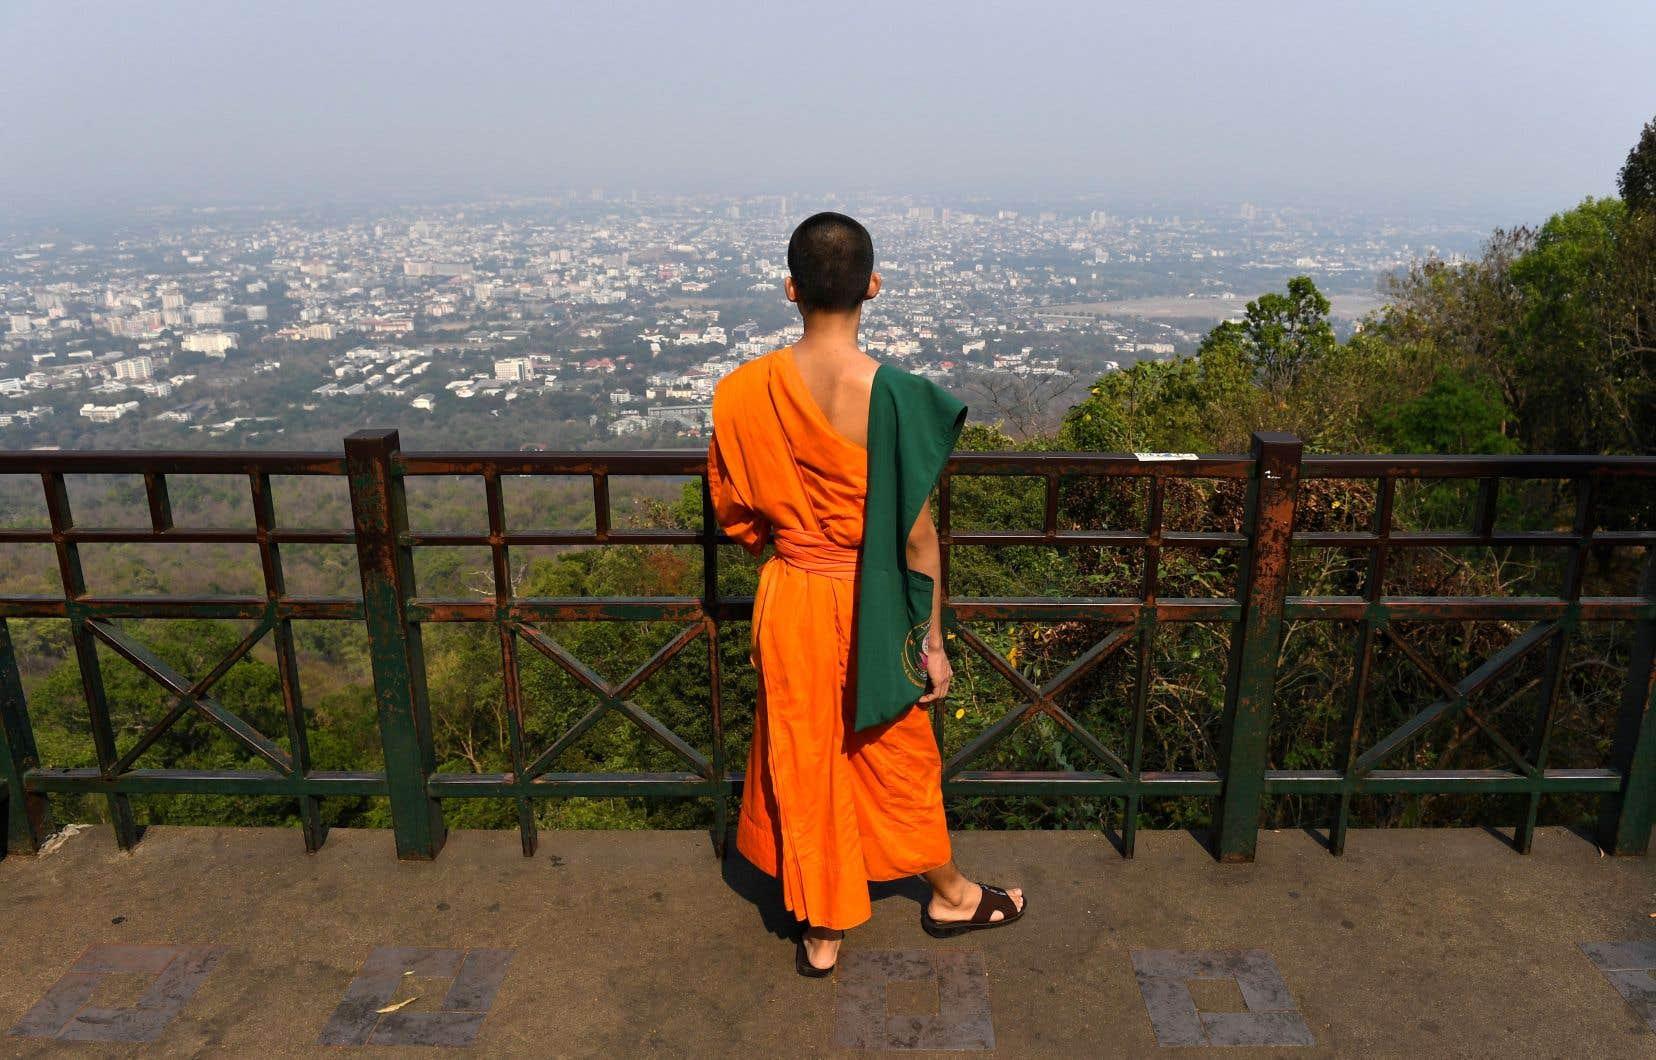 Le fait que Chiang Mai soit recouverte par un nuage de pollution n'est pas nouveau, mais ce dernier est de plus en plus toxique et s'installe de plus en plus longtemps.